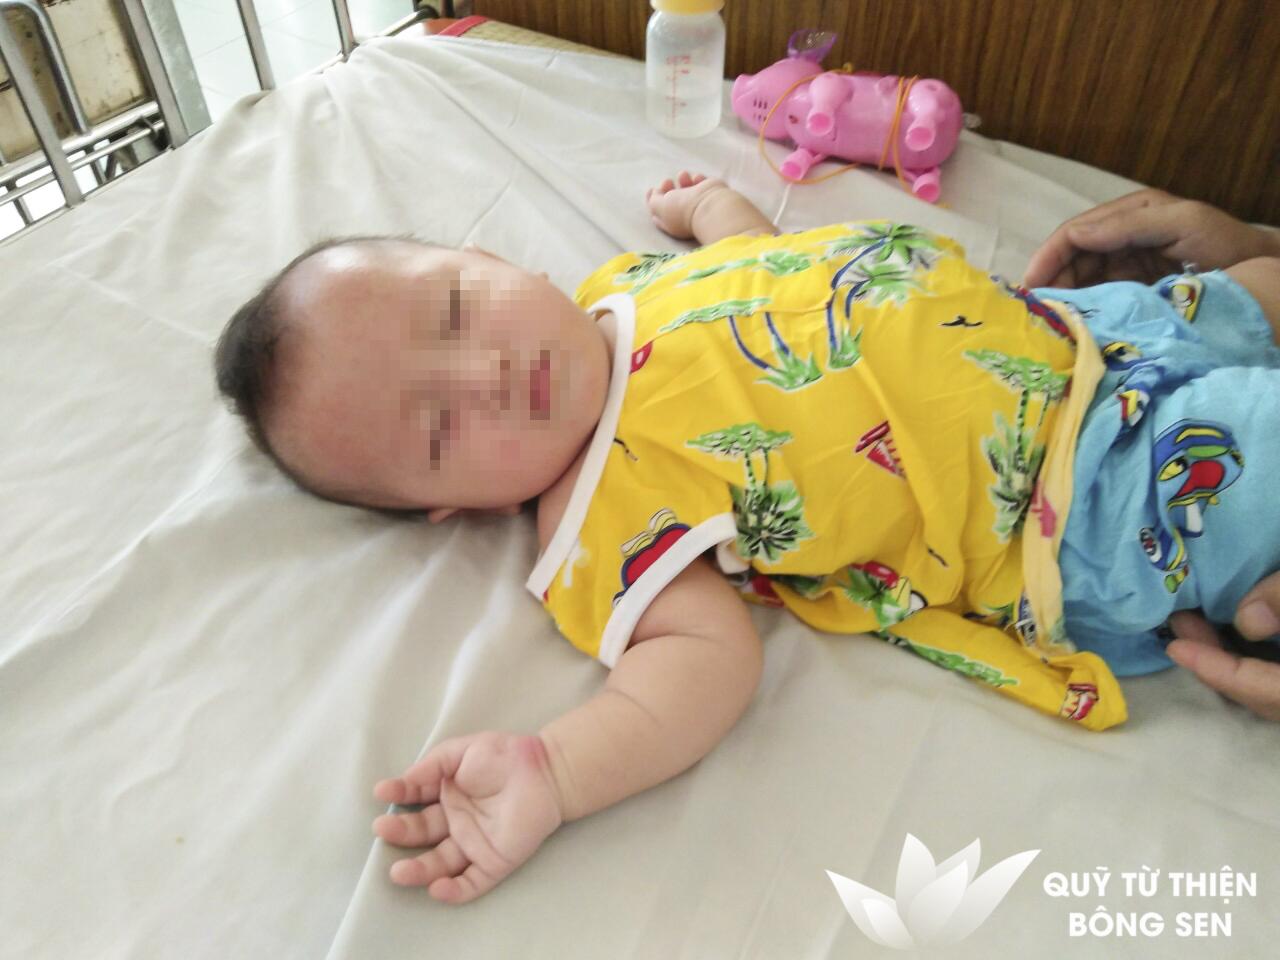 Kỳ 409: Nguyễn Huy Hào (1 tuổi) quê Đắk Nông, tim bẩm sinh, hỗ trợ 14 triệu đồng ngày 26/04/2019